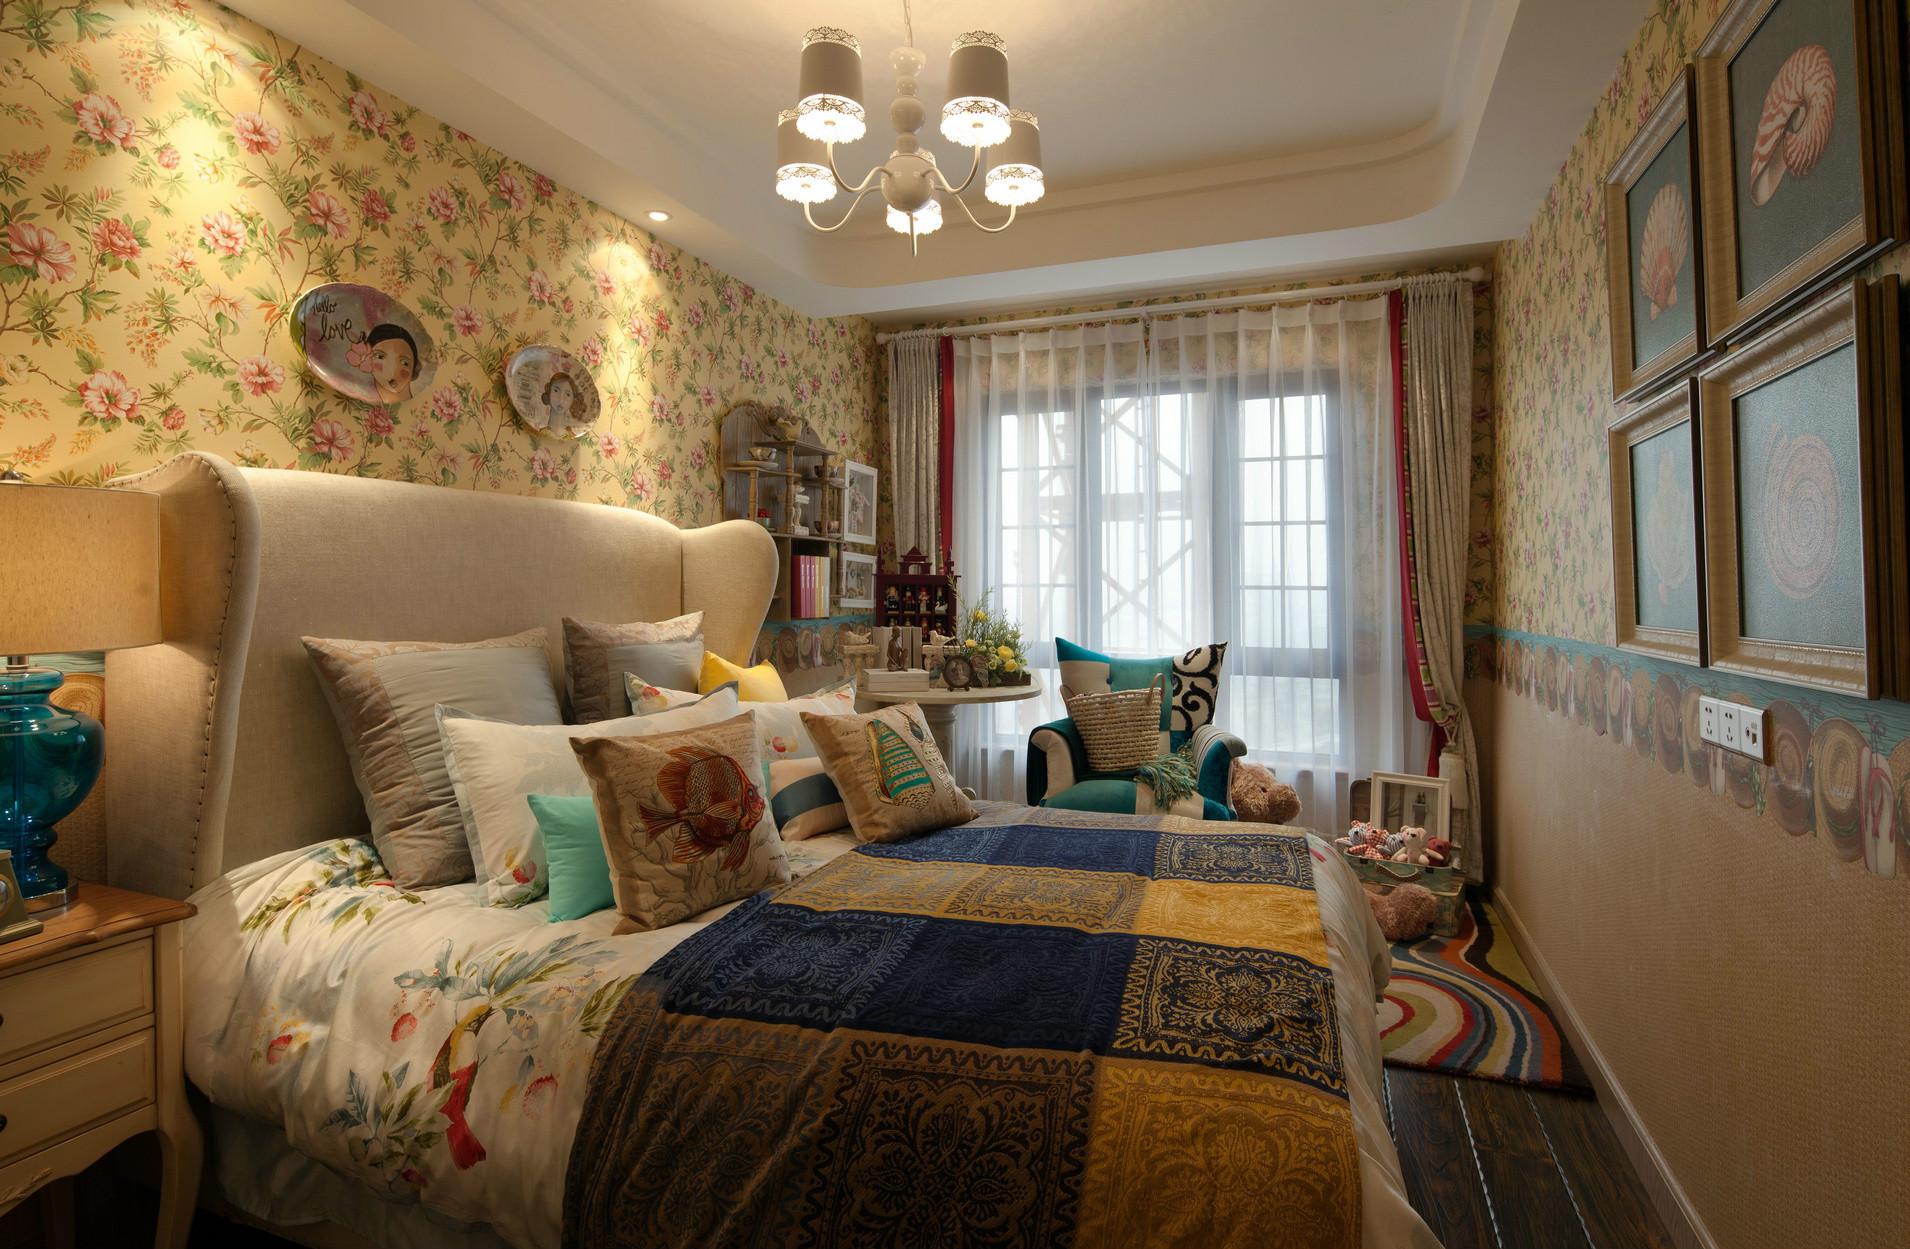 次卧为营造出浪漫的气氛,墙面贴上碎花的墙纸,对称式的花样和高雅的床品略显华贵